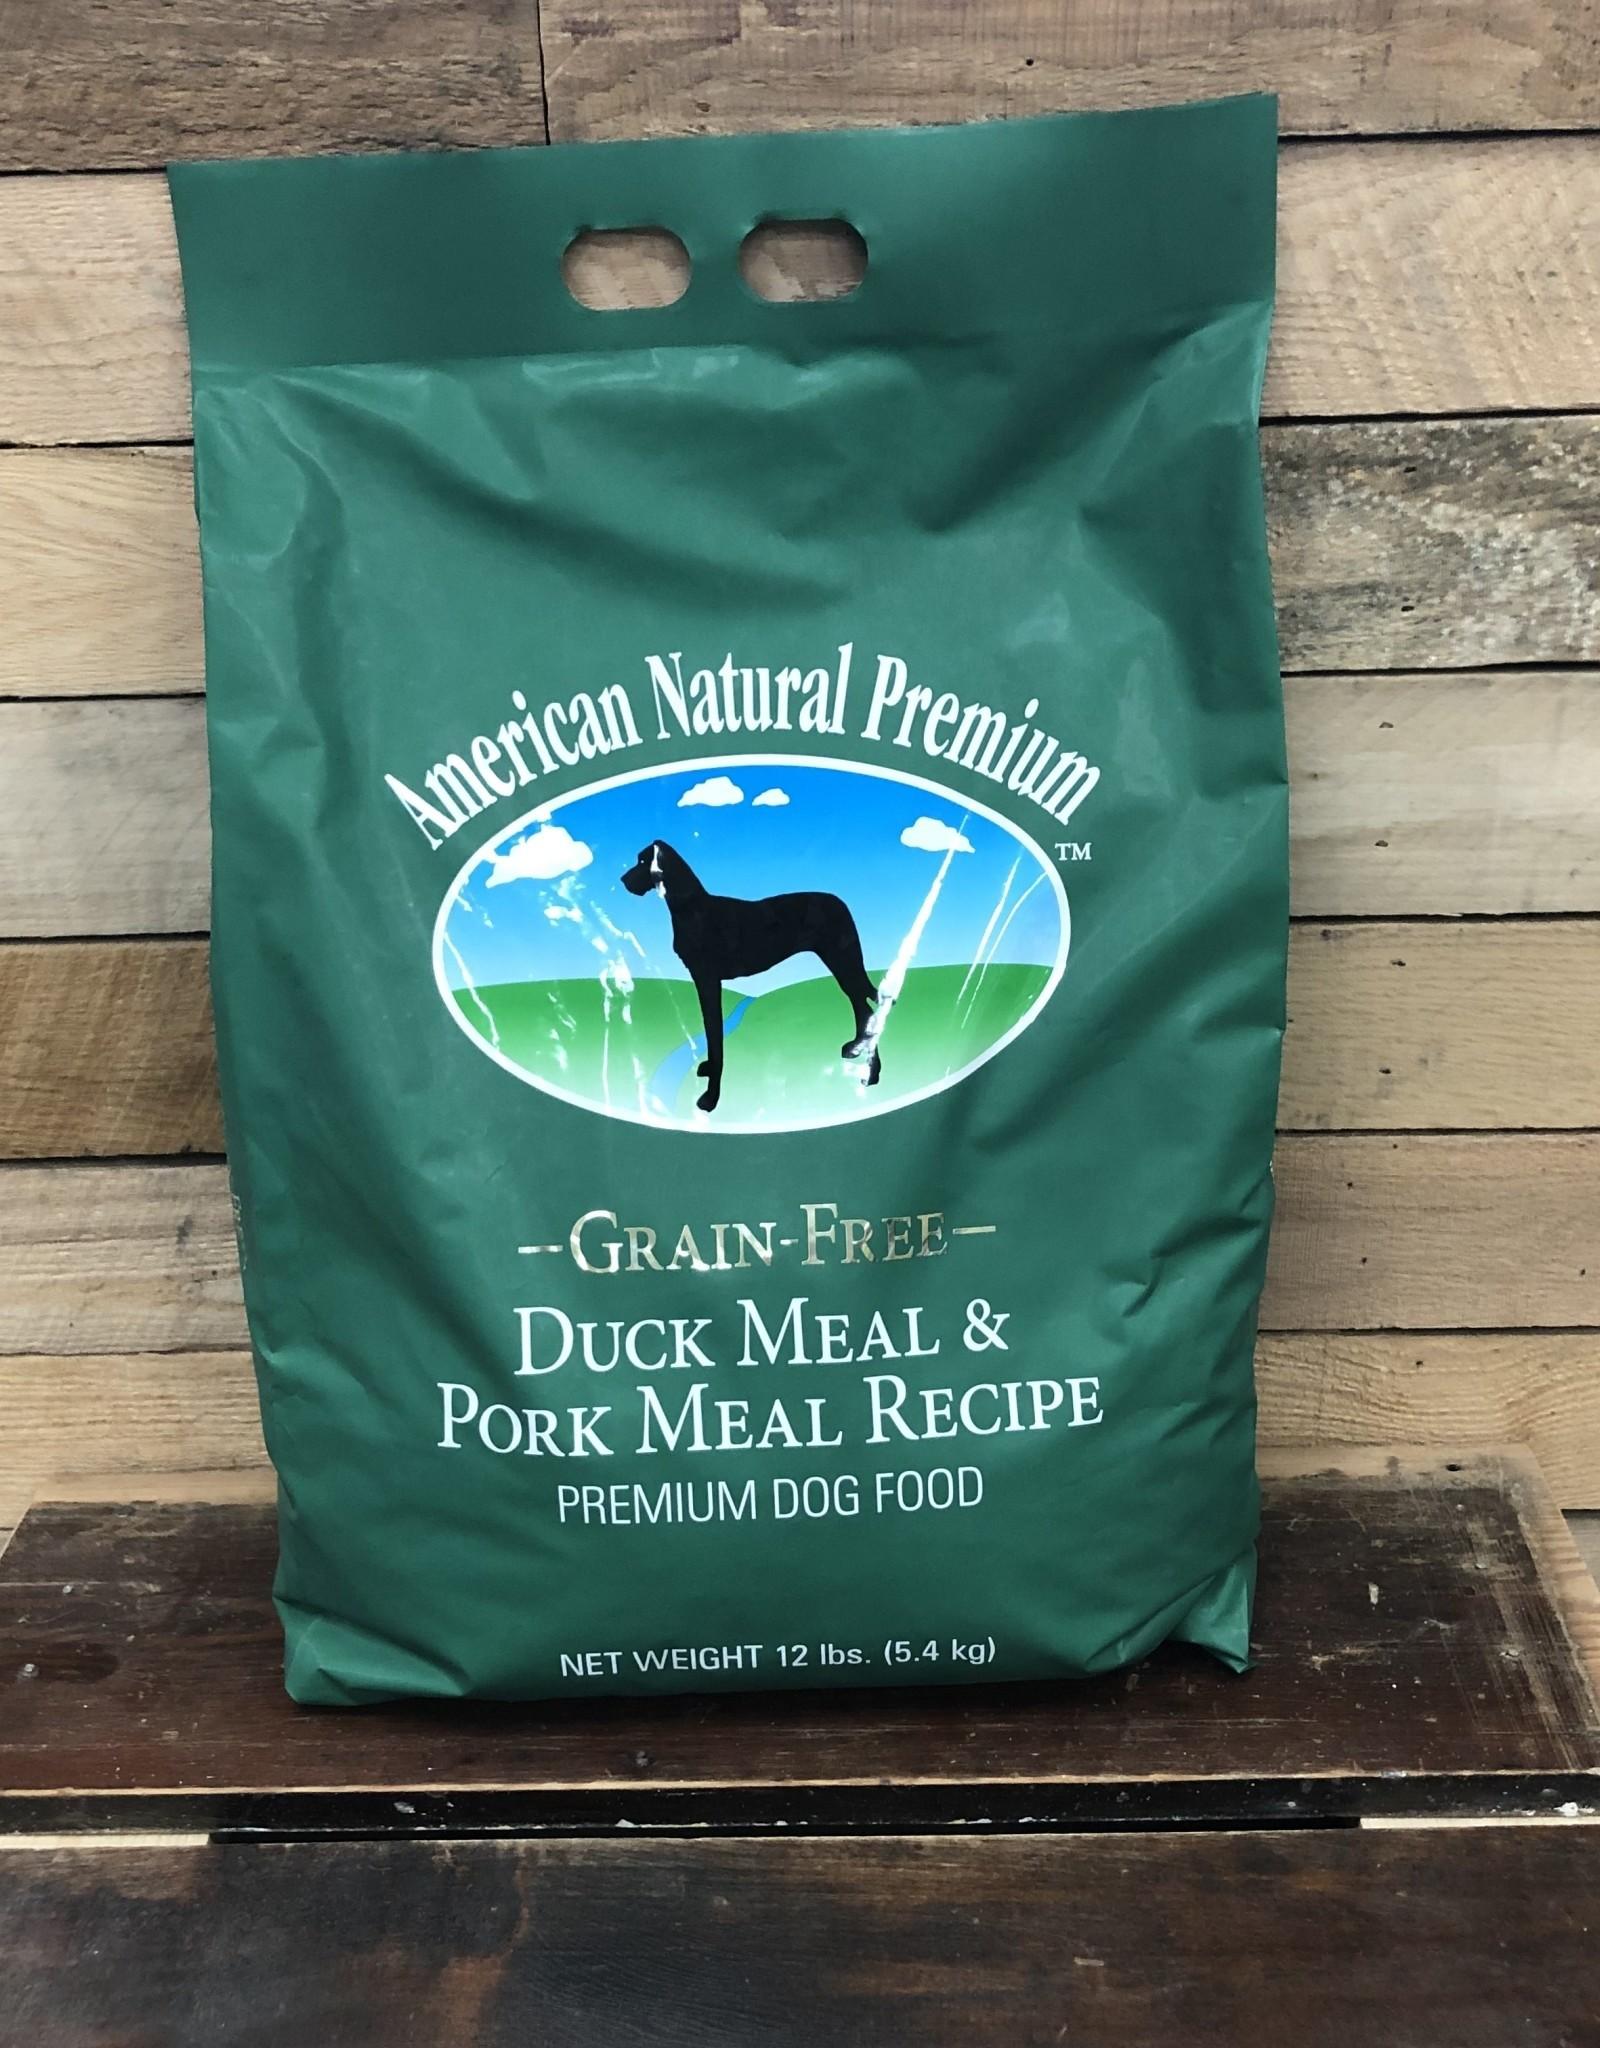 American Natural Premium American Natural Premium Grain Free 2 sizes